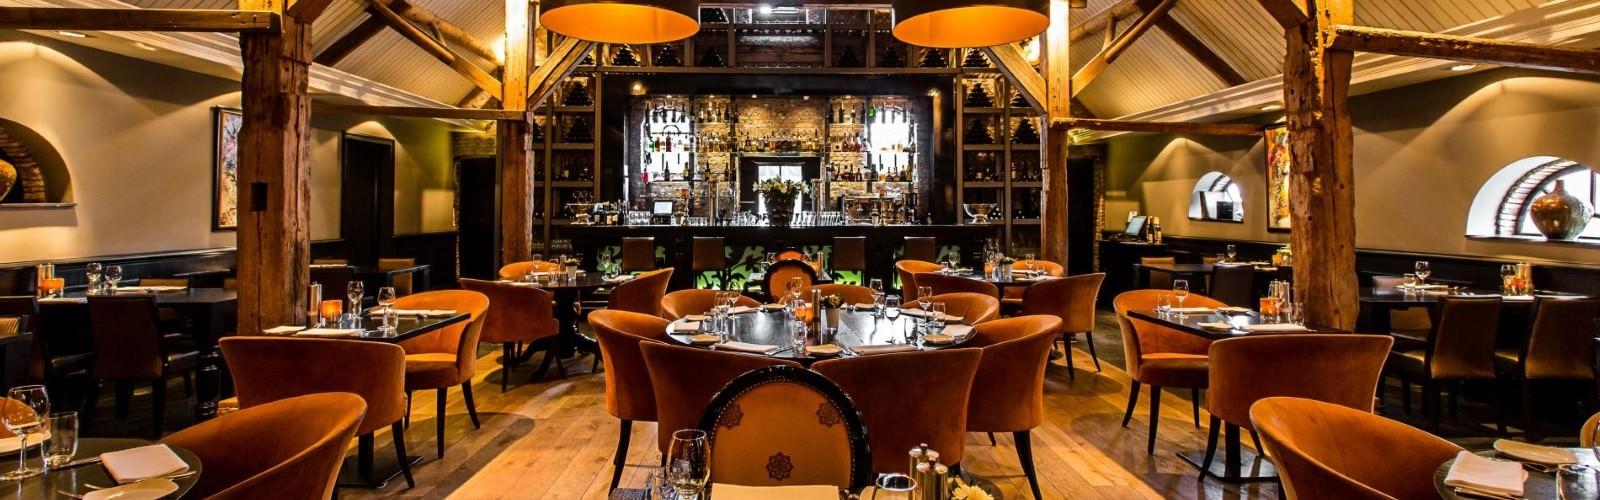 foto van interieur Restaurant Zuiver in Leidsche Rijn, Utrecht.